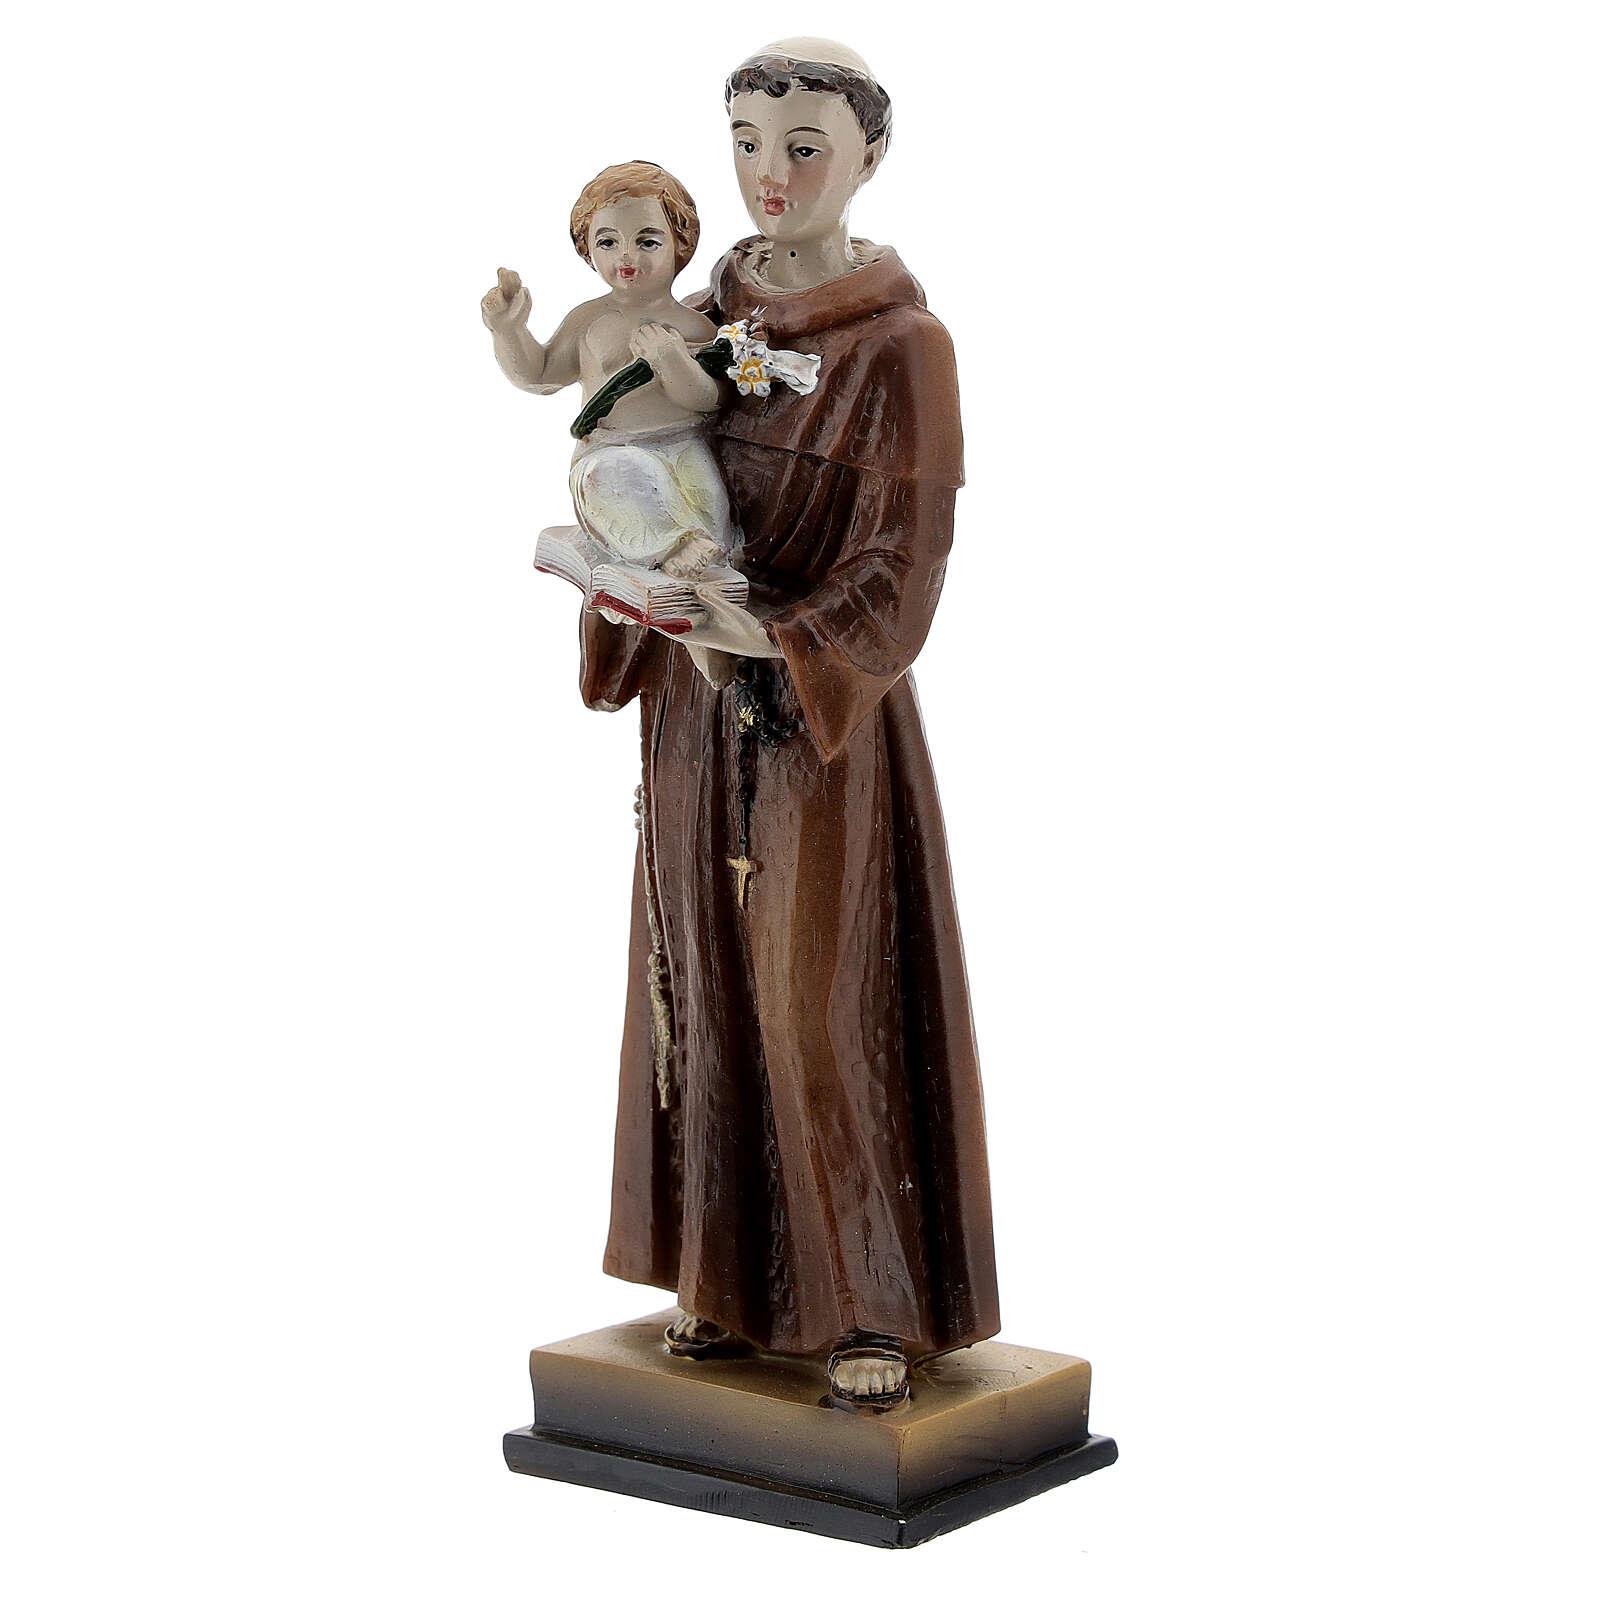 San Antonio y Niño estatua resina 12 cm 4